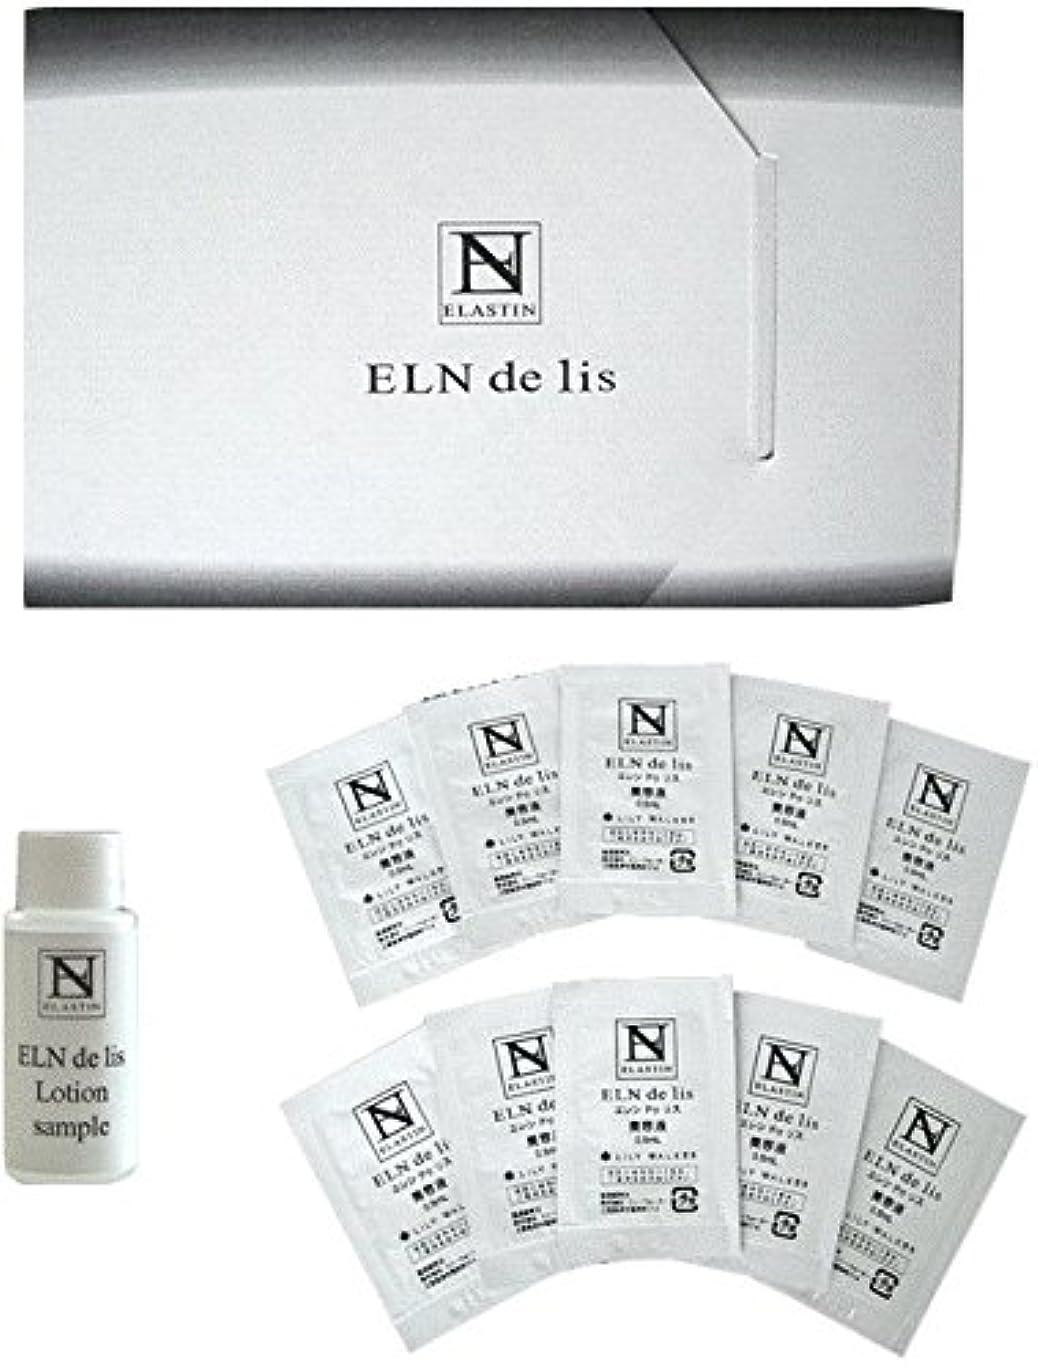 生エラスチン配合美容液 エレンドゥリス?10回分トライアルセット 化粧水付き